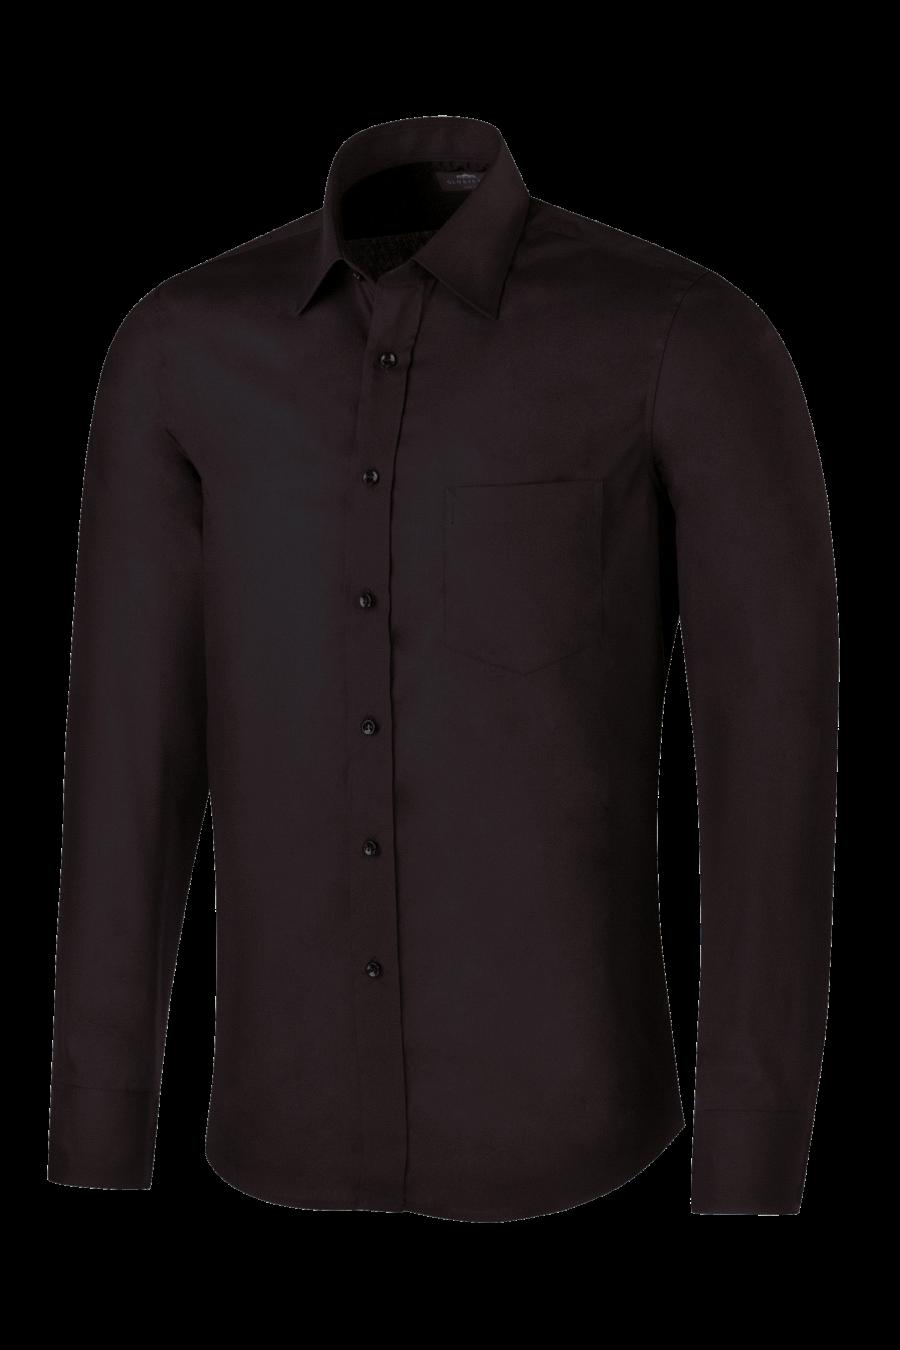 00-7802-161-07-gloriette-fashion-premium-business-freizeit-herren-hemd-modern-regular-fit-langarm